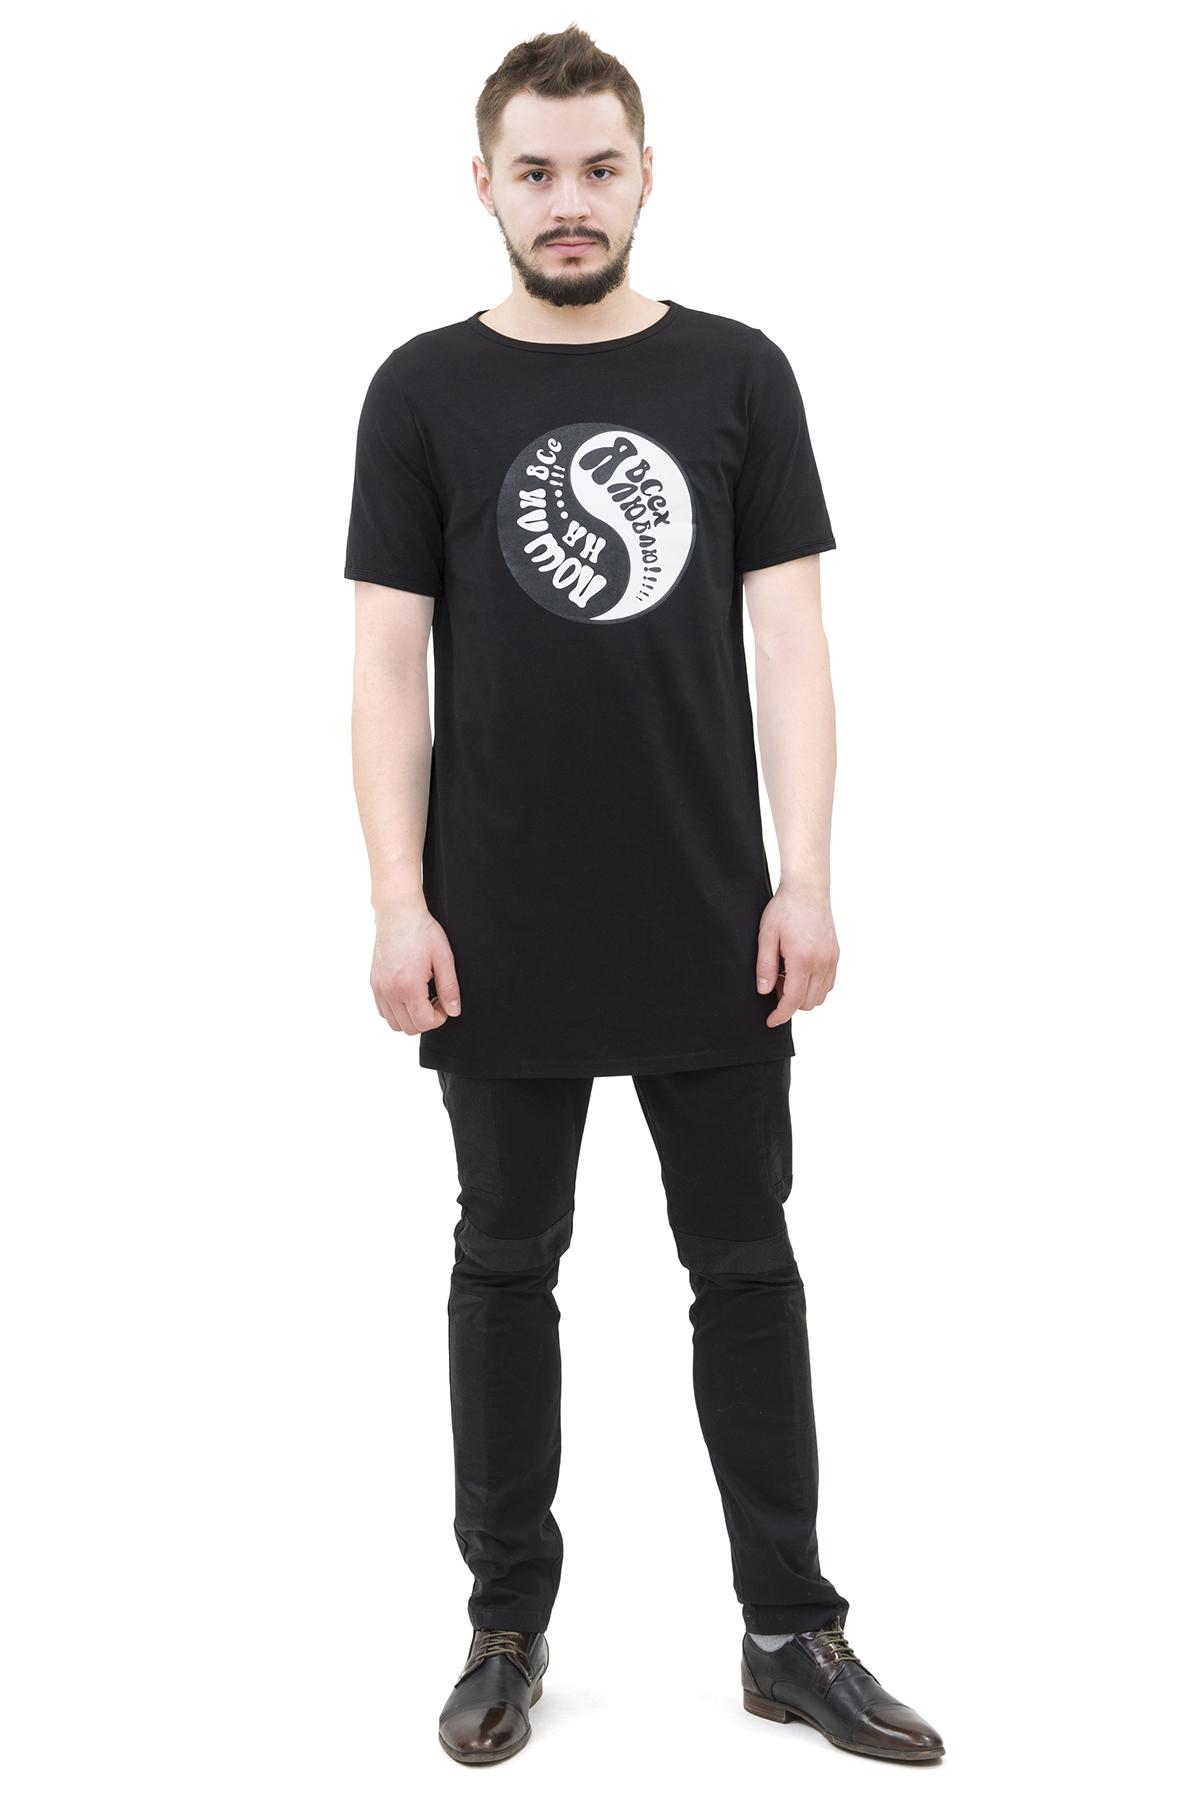 ФутболкаМужские футболки, джемпера<br>Футболка бренда Pavel Yerokin с принтом выполнена из хлопкового трикотажа с добавлением эластана. Особенности: свободный удлиненный крой, круглый вырез, принт в виде символа Инь-Янь.<br><br>Цвет: черный<br>Состав: Хлопок - 92%, Эластан - 8%<br>Размер: 44,46,48,50,52,54<br>Страна дизайна: Россия<br>Страна производства: Россия